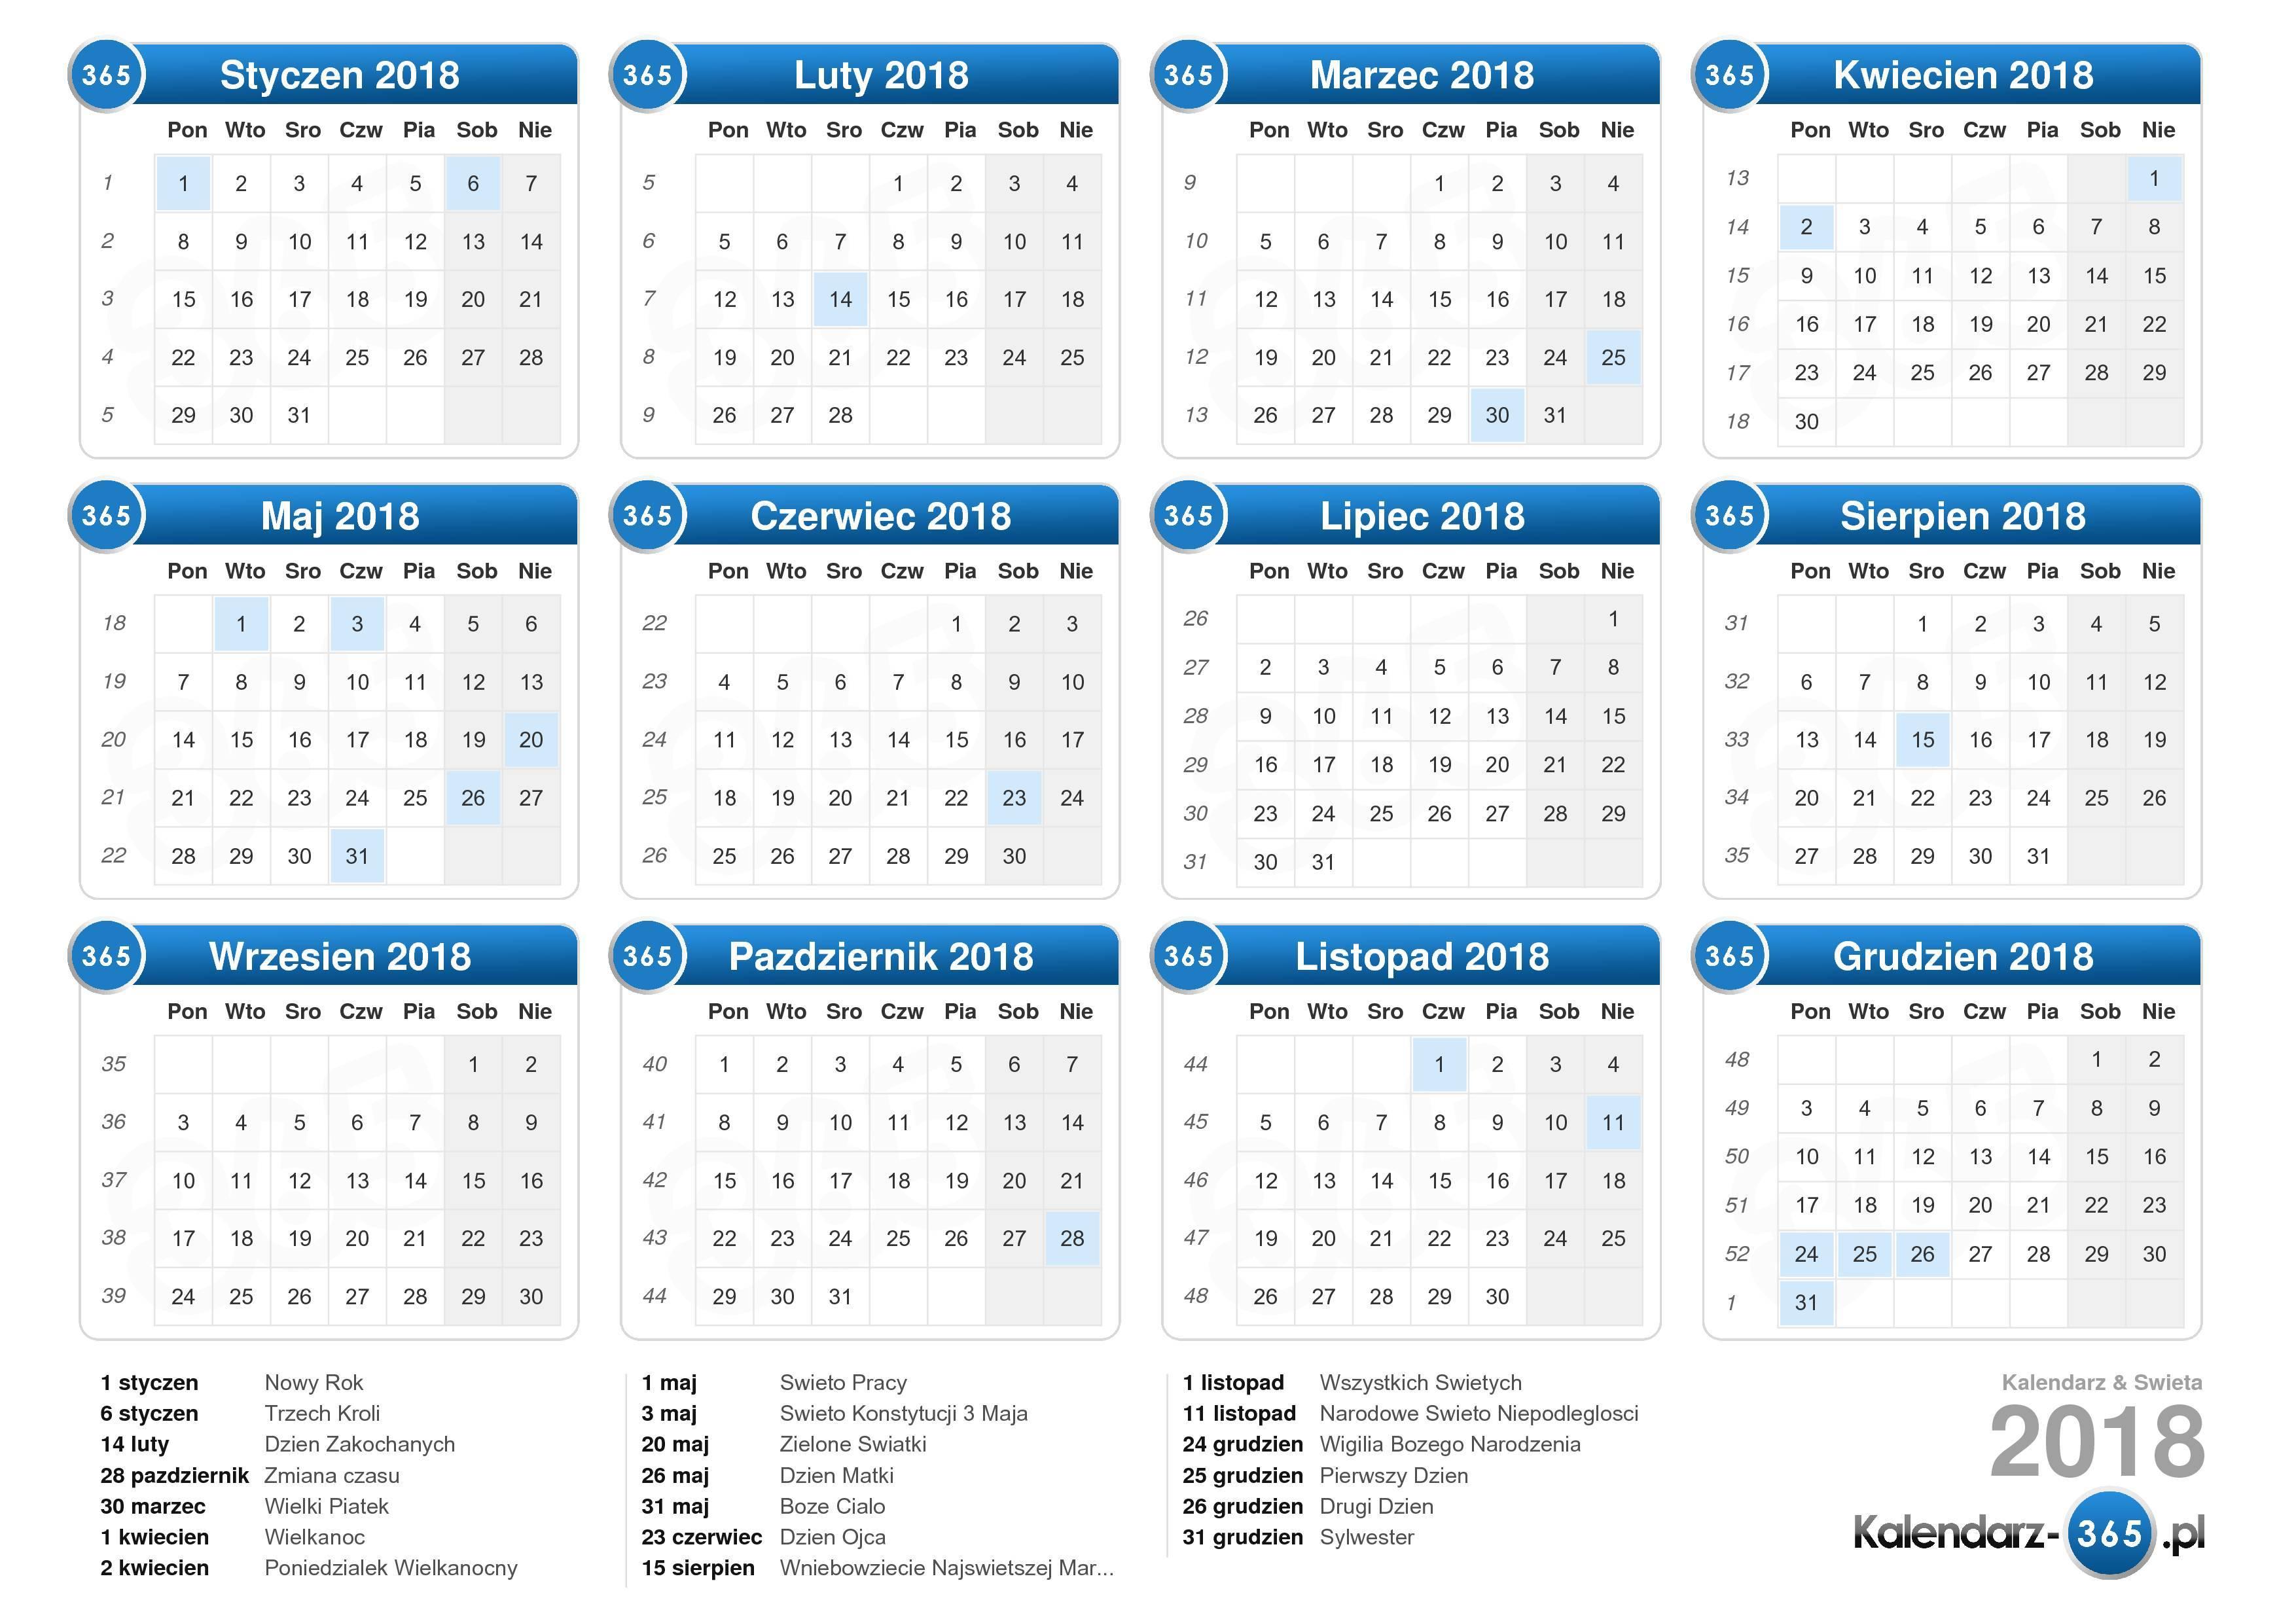 Kalendarz 2019 Numery Tygodni - calendrier